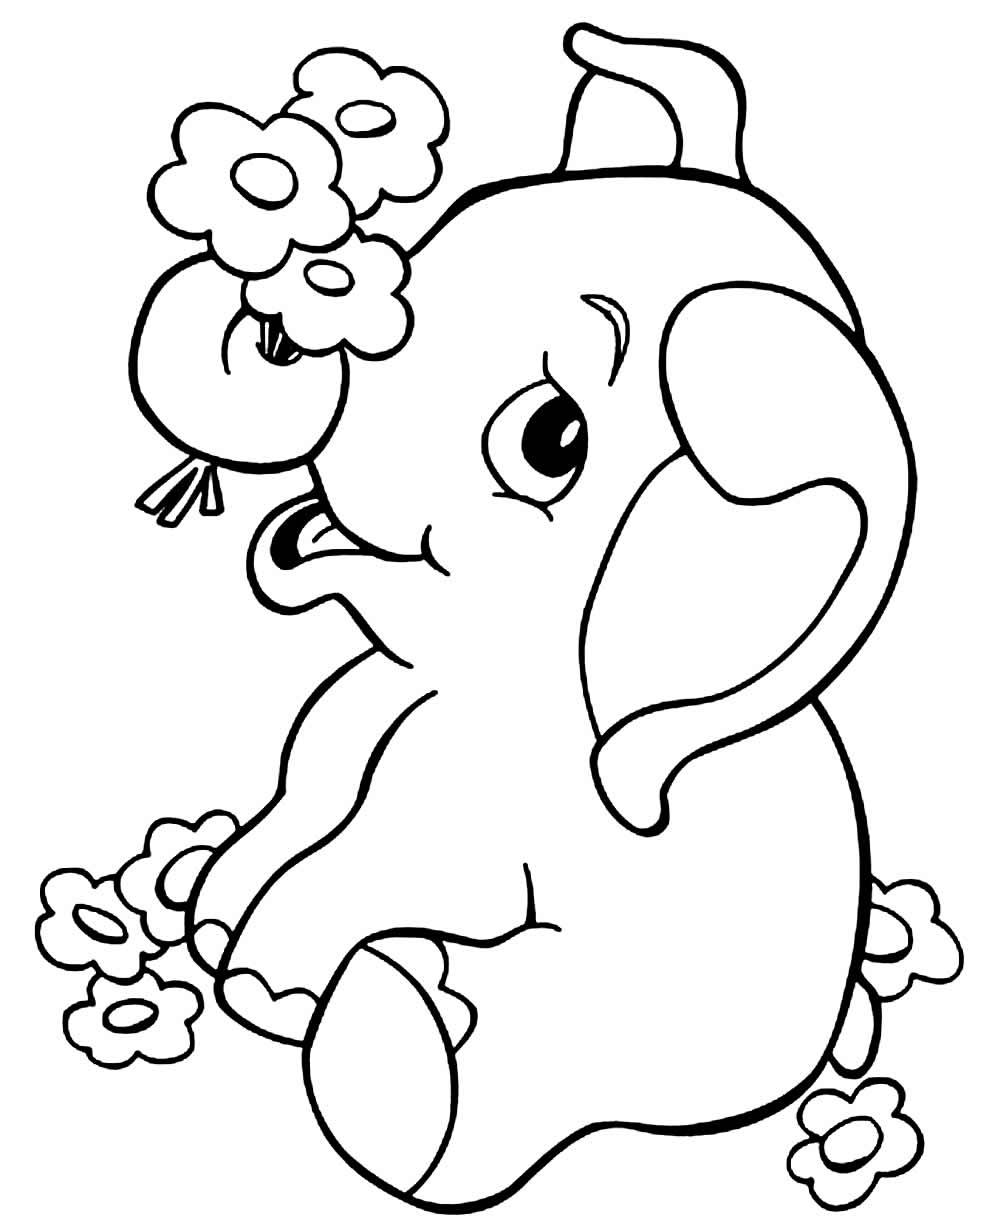 Imagem de elefante para colorir